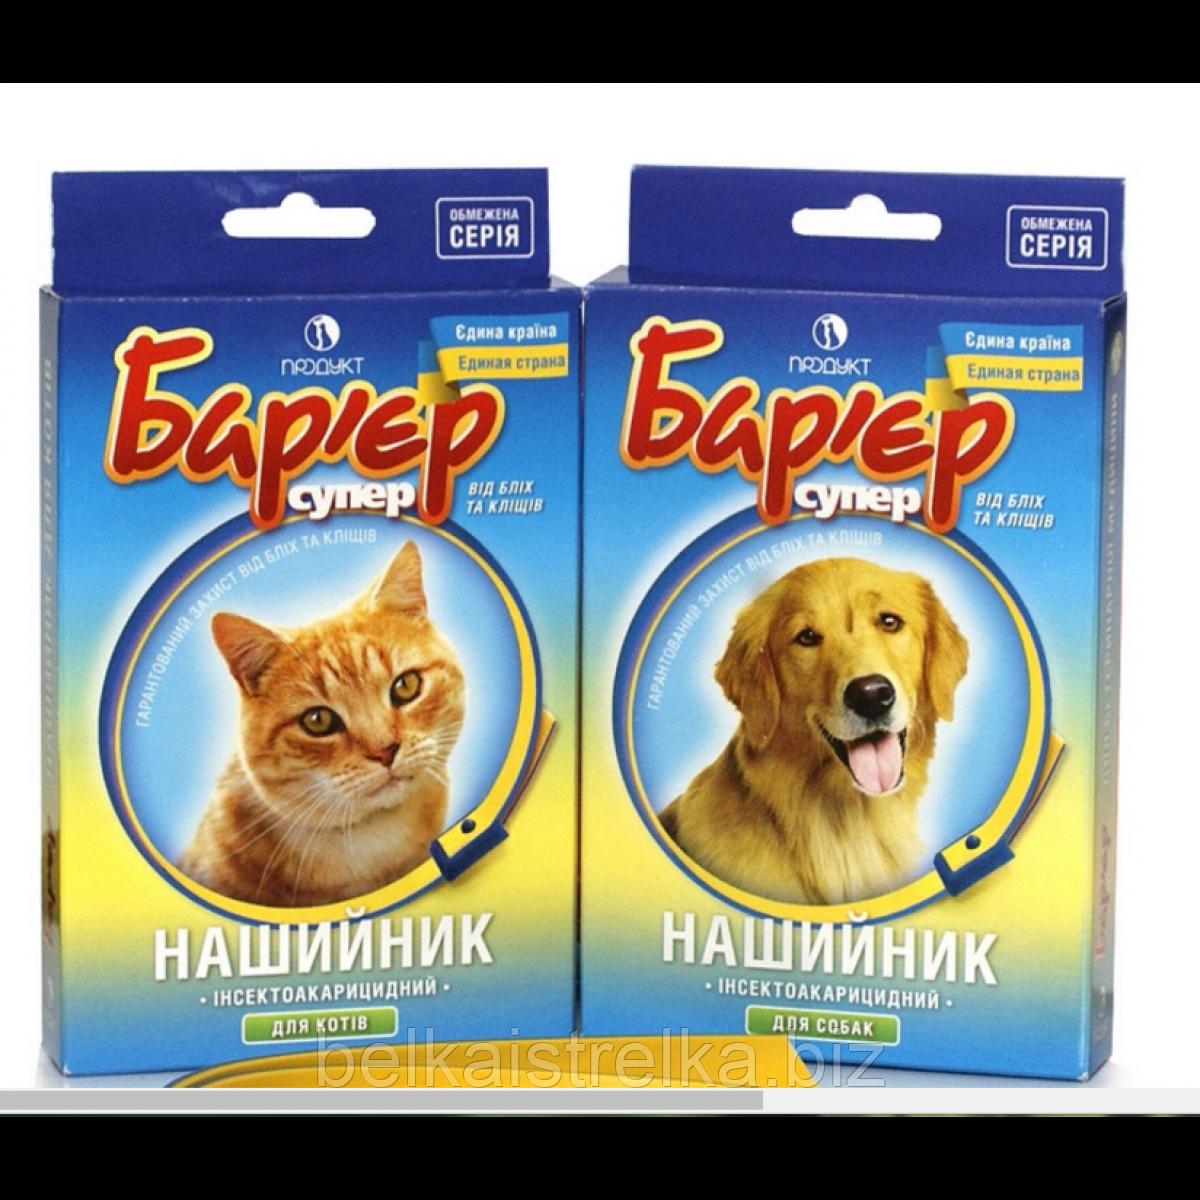 Барьер ошейник для кошек от блох и клещей (цветной), 35 см, Продукт